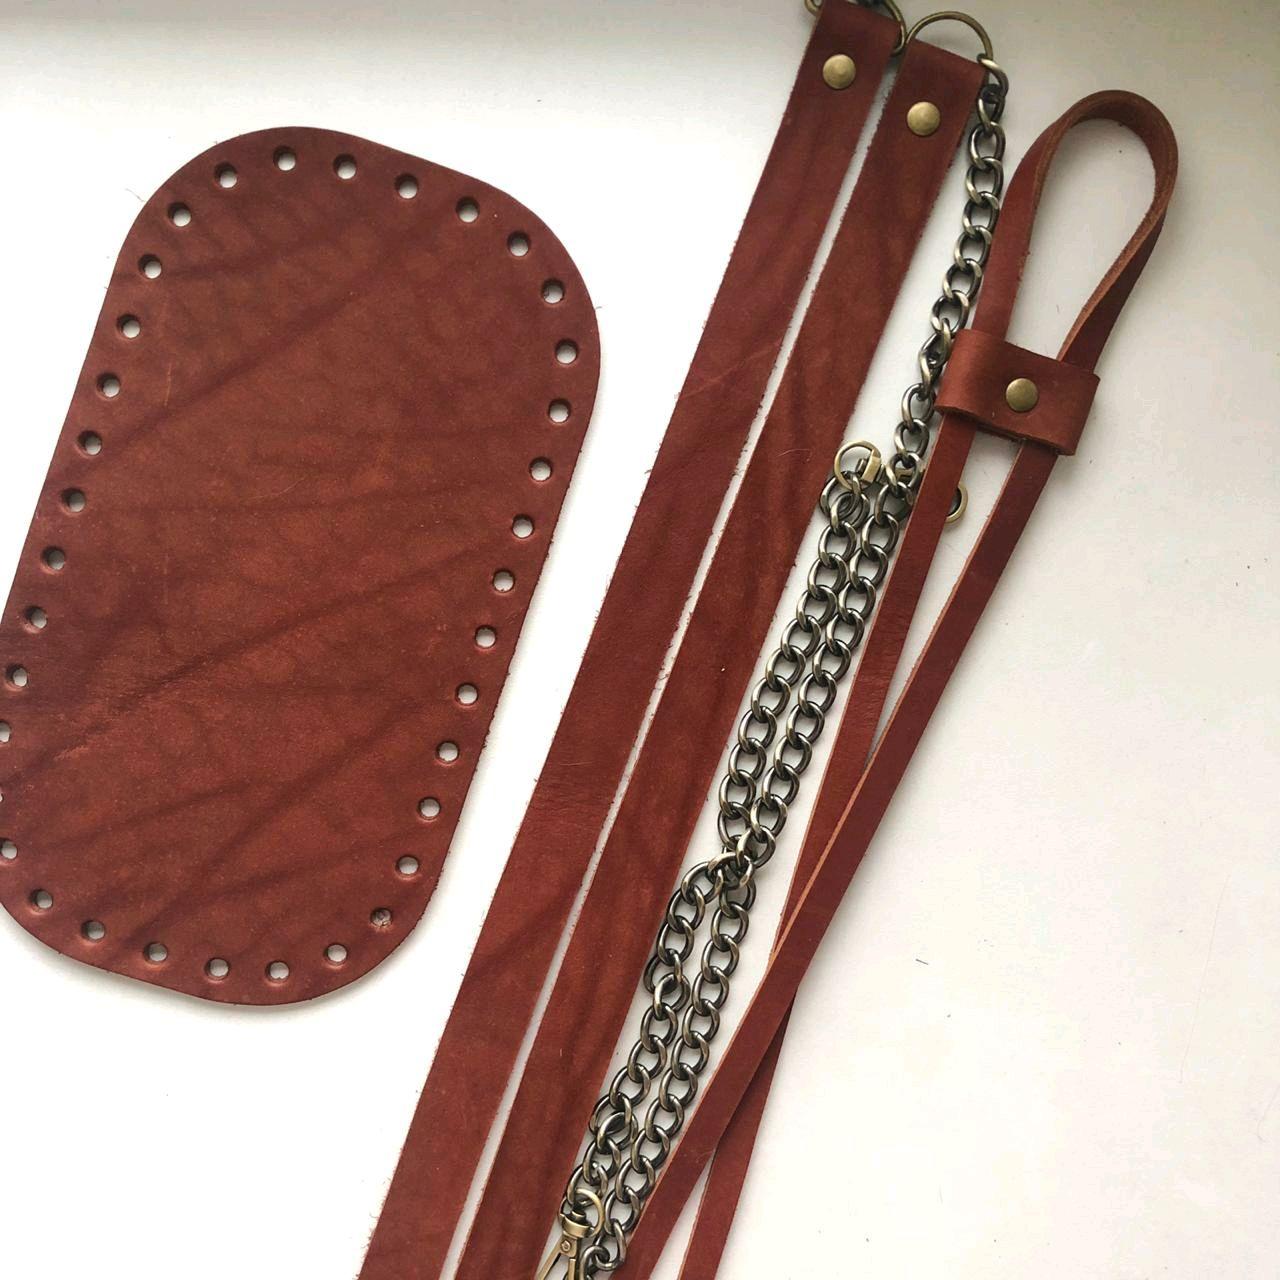 Вязание ручной работы. Ярмарка Мастеров - ручная работа. Купить Набор для торбы натуральная кожа. Handmade. Натуральная кожа, цепь